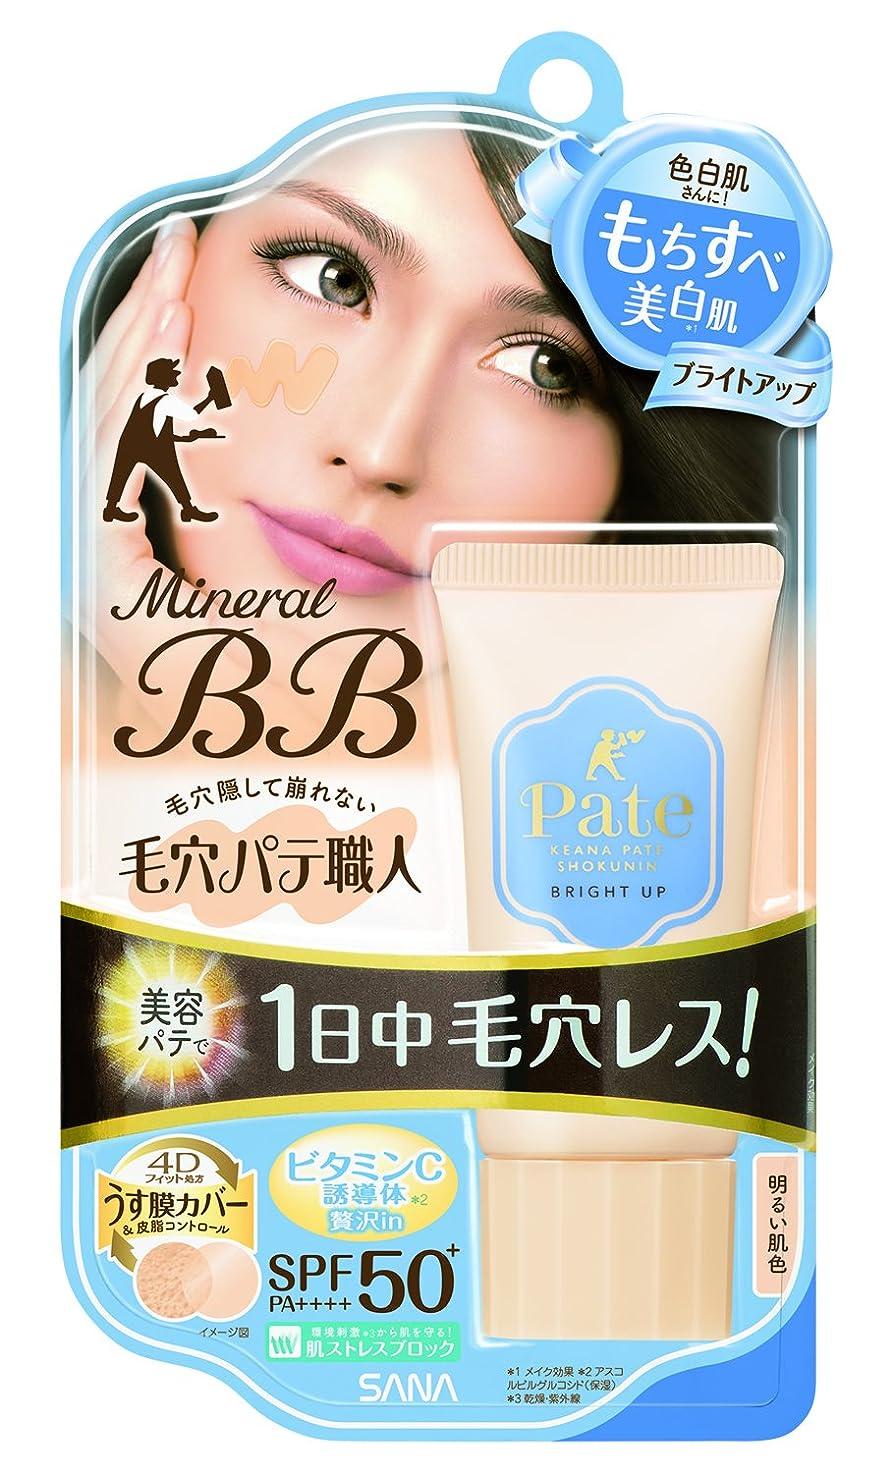 調べる望ましい情熱的毛穴パテ職人 ミネラルBBクリーム ブライトアップ 明るい肌色 30g